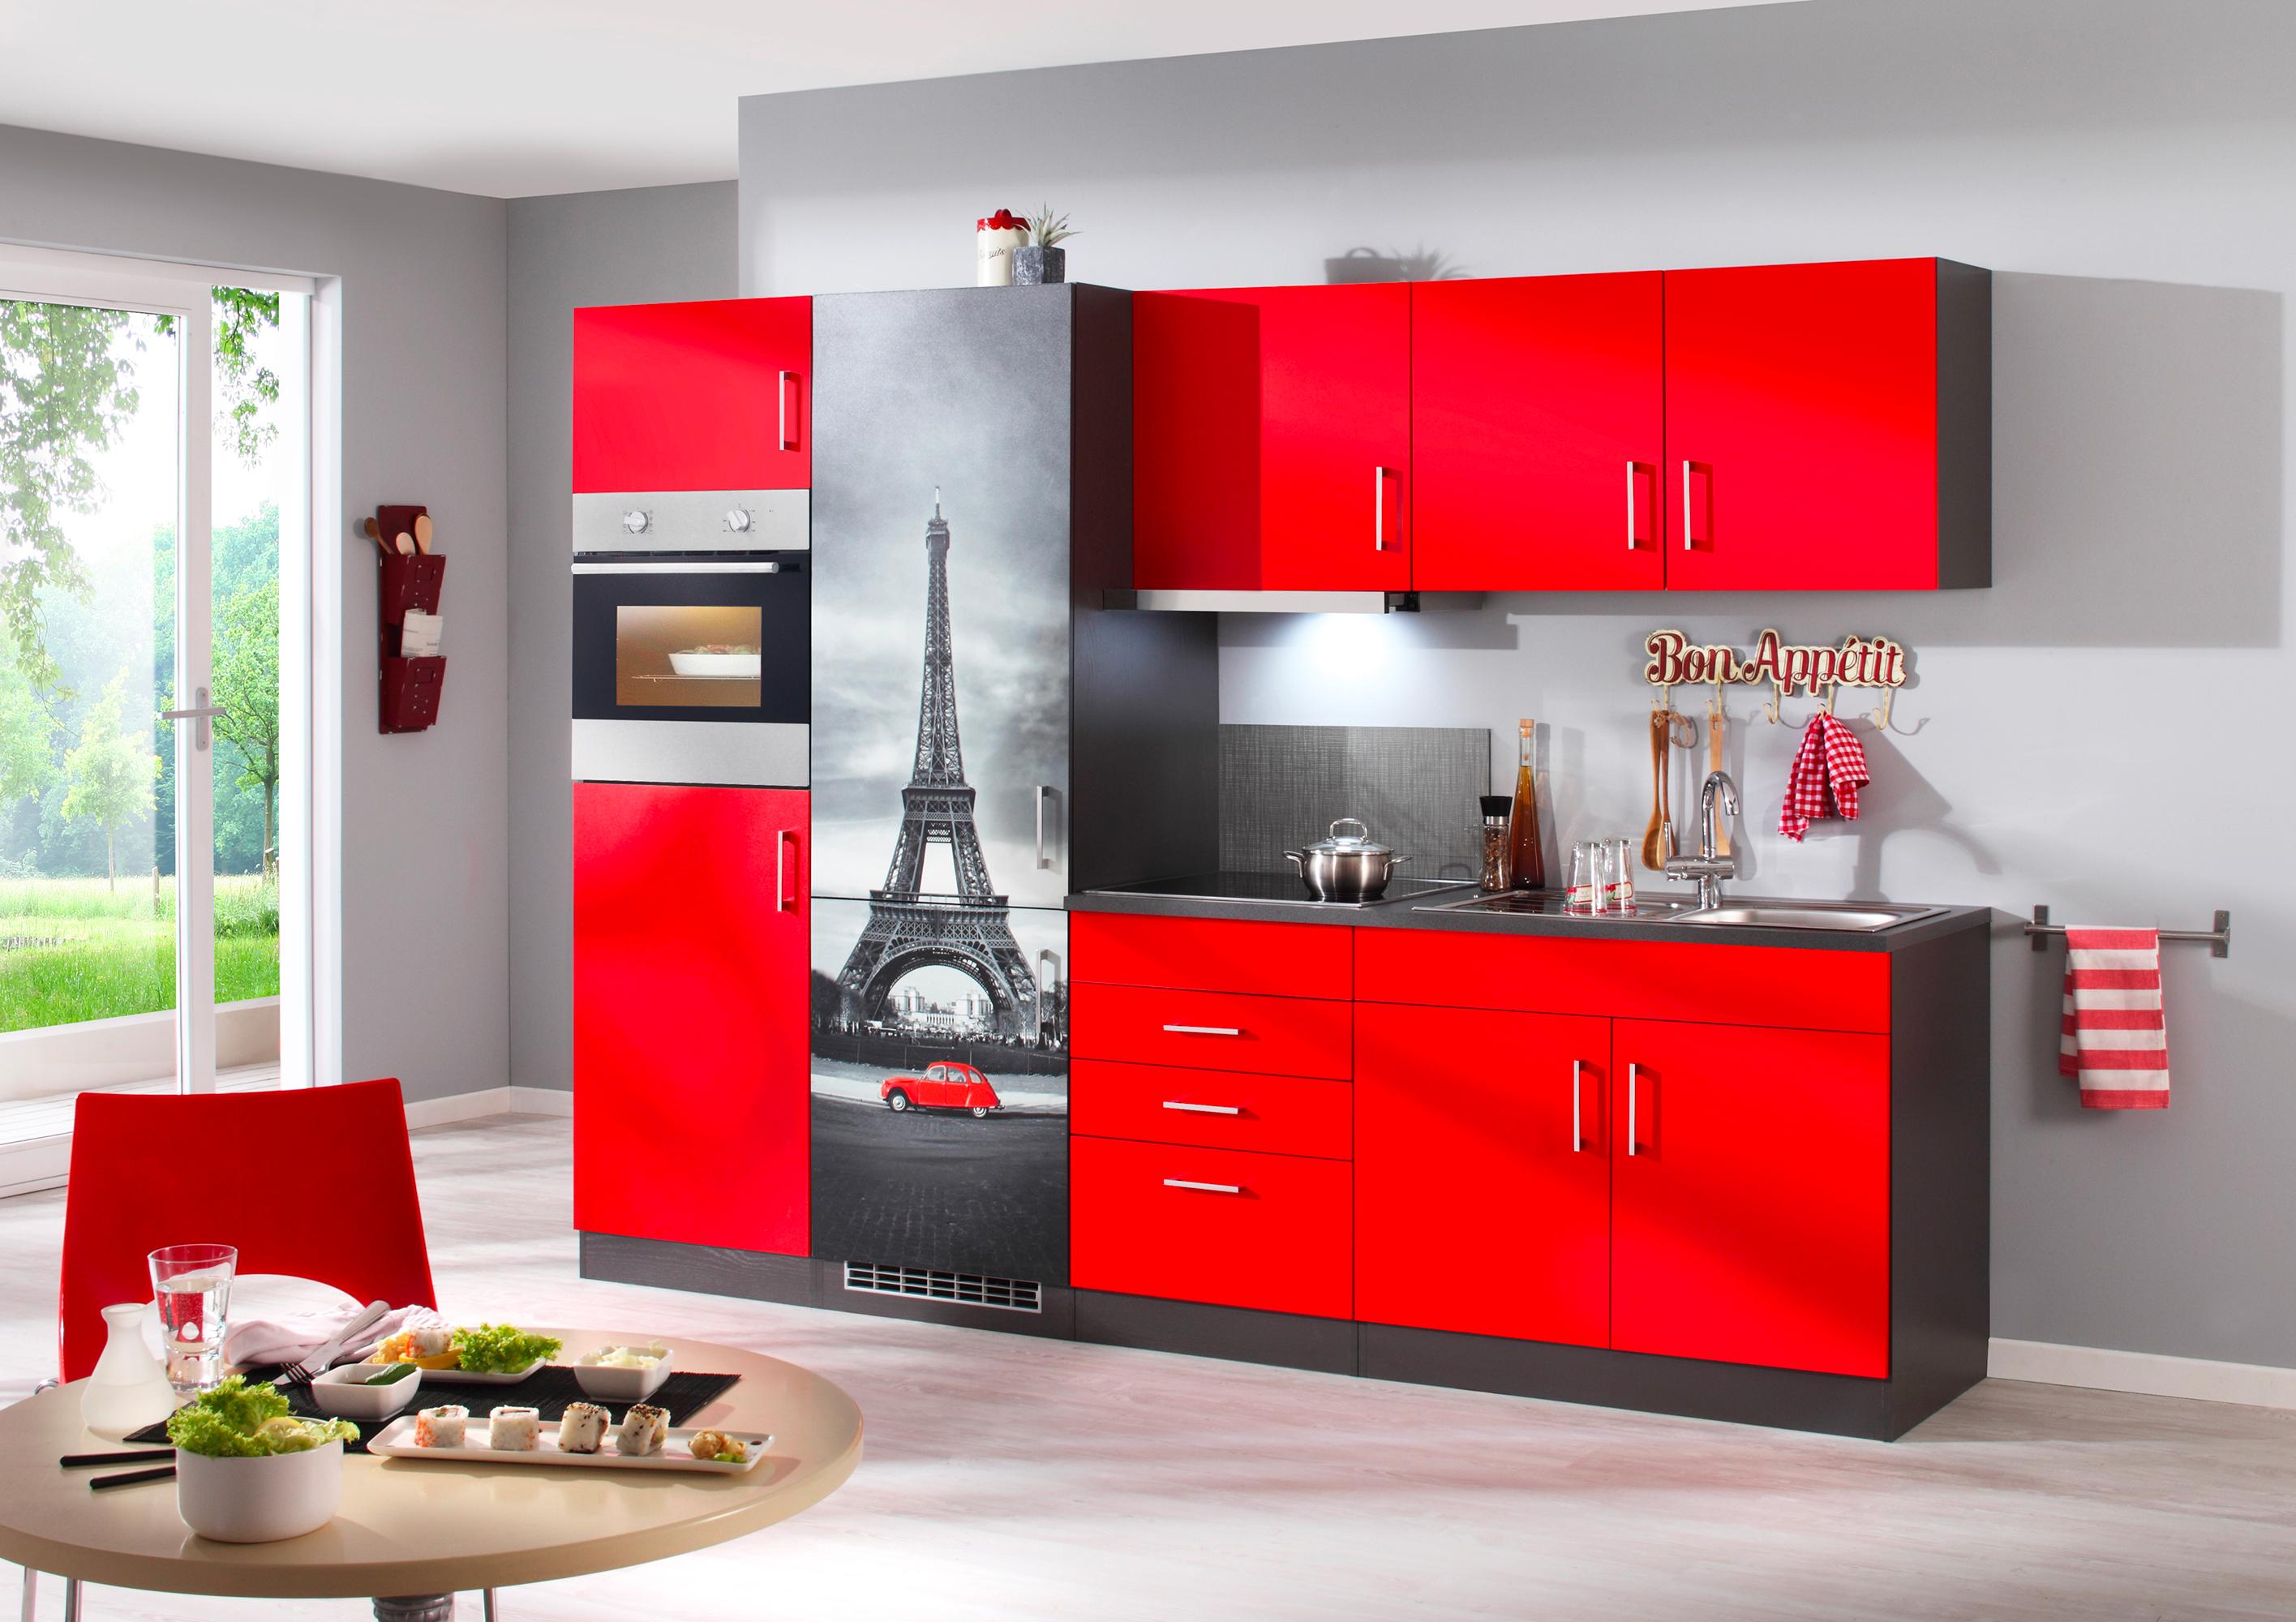 Die Franzosische Kochkunst Ist Eine Der Besten Der Welt Mit Dieser Kuchenzeile Mit Eiffelturm Motiv Zieht Pariser Feeling In De Schrank Kuche Held Mobel Kuche